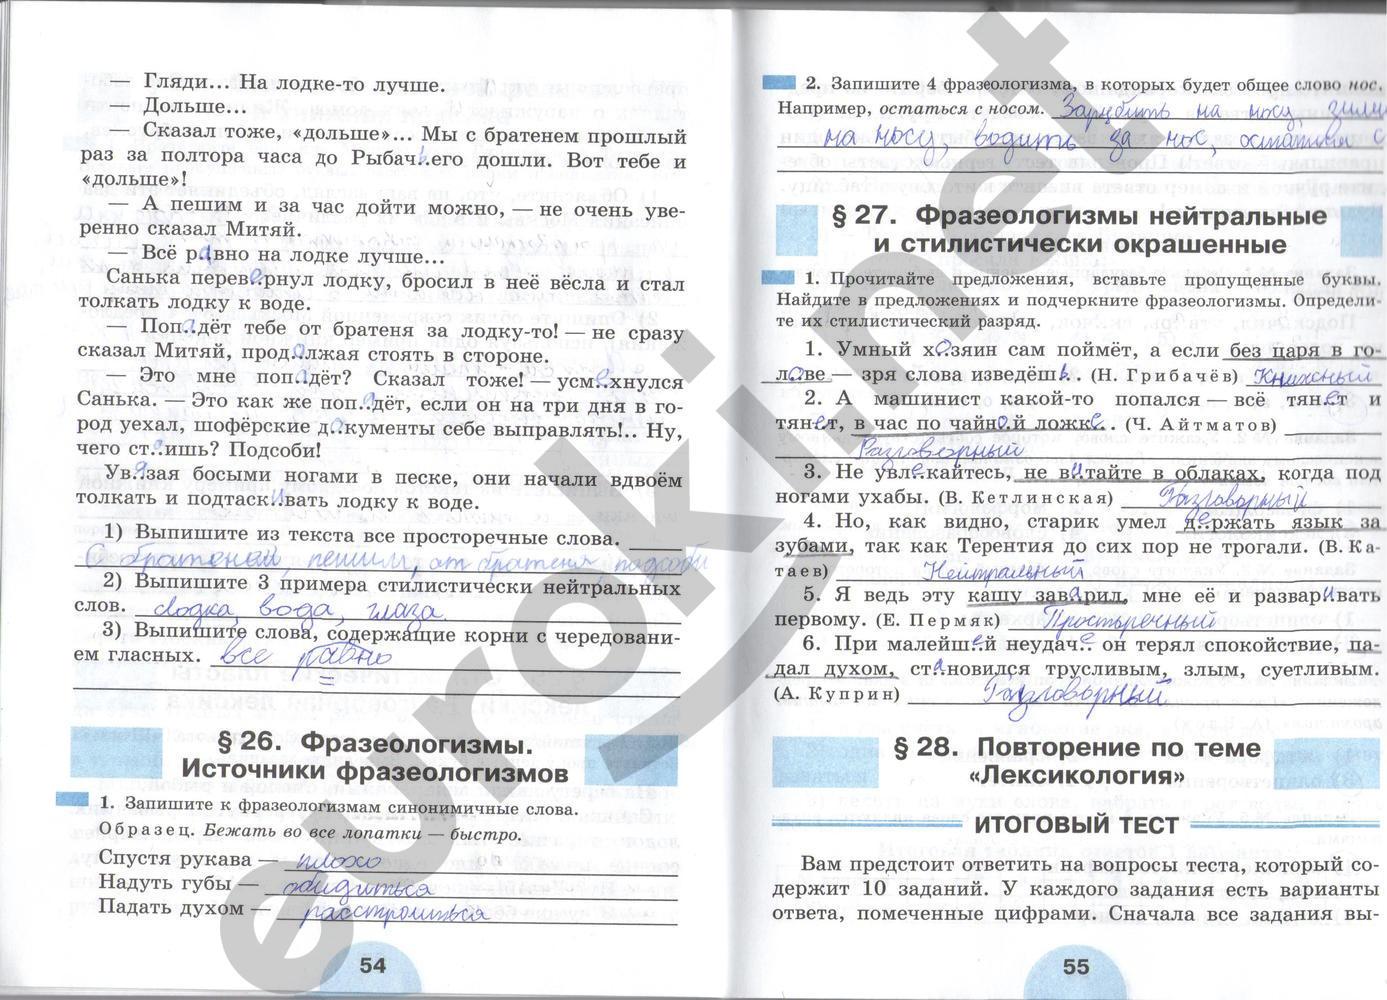 рыбченкова роговик класс гдз 6